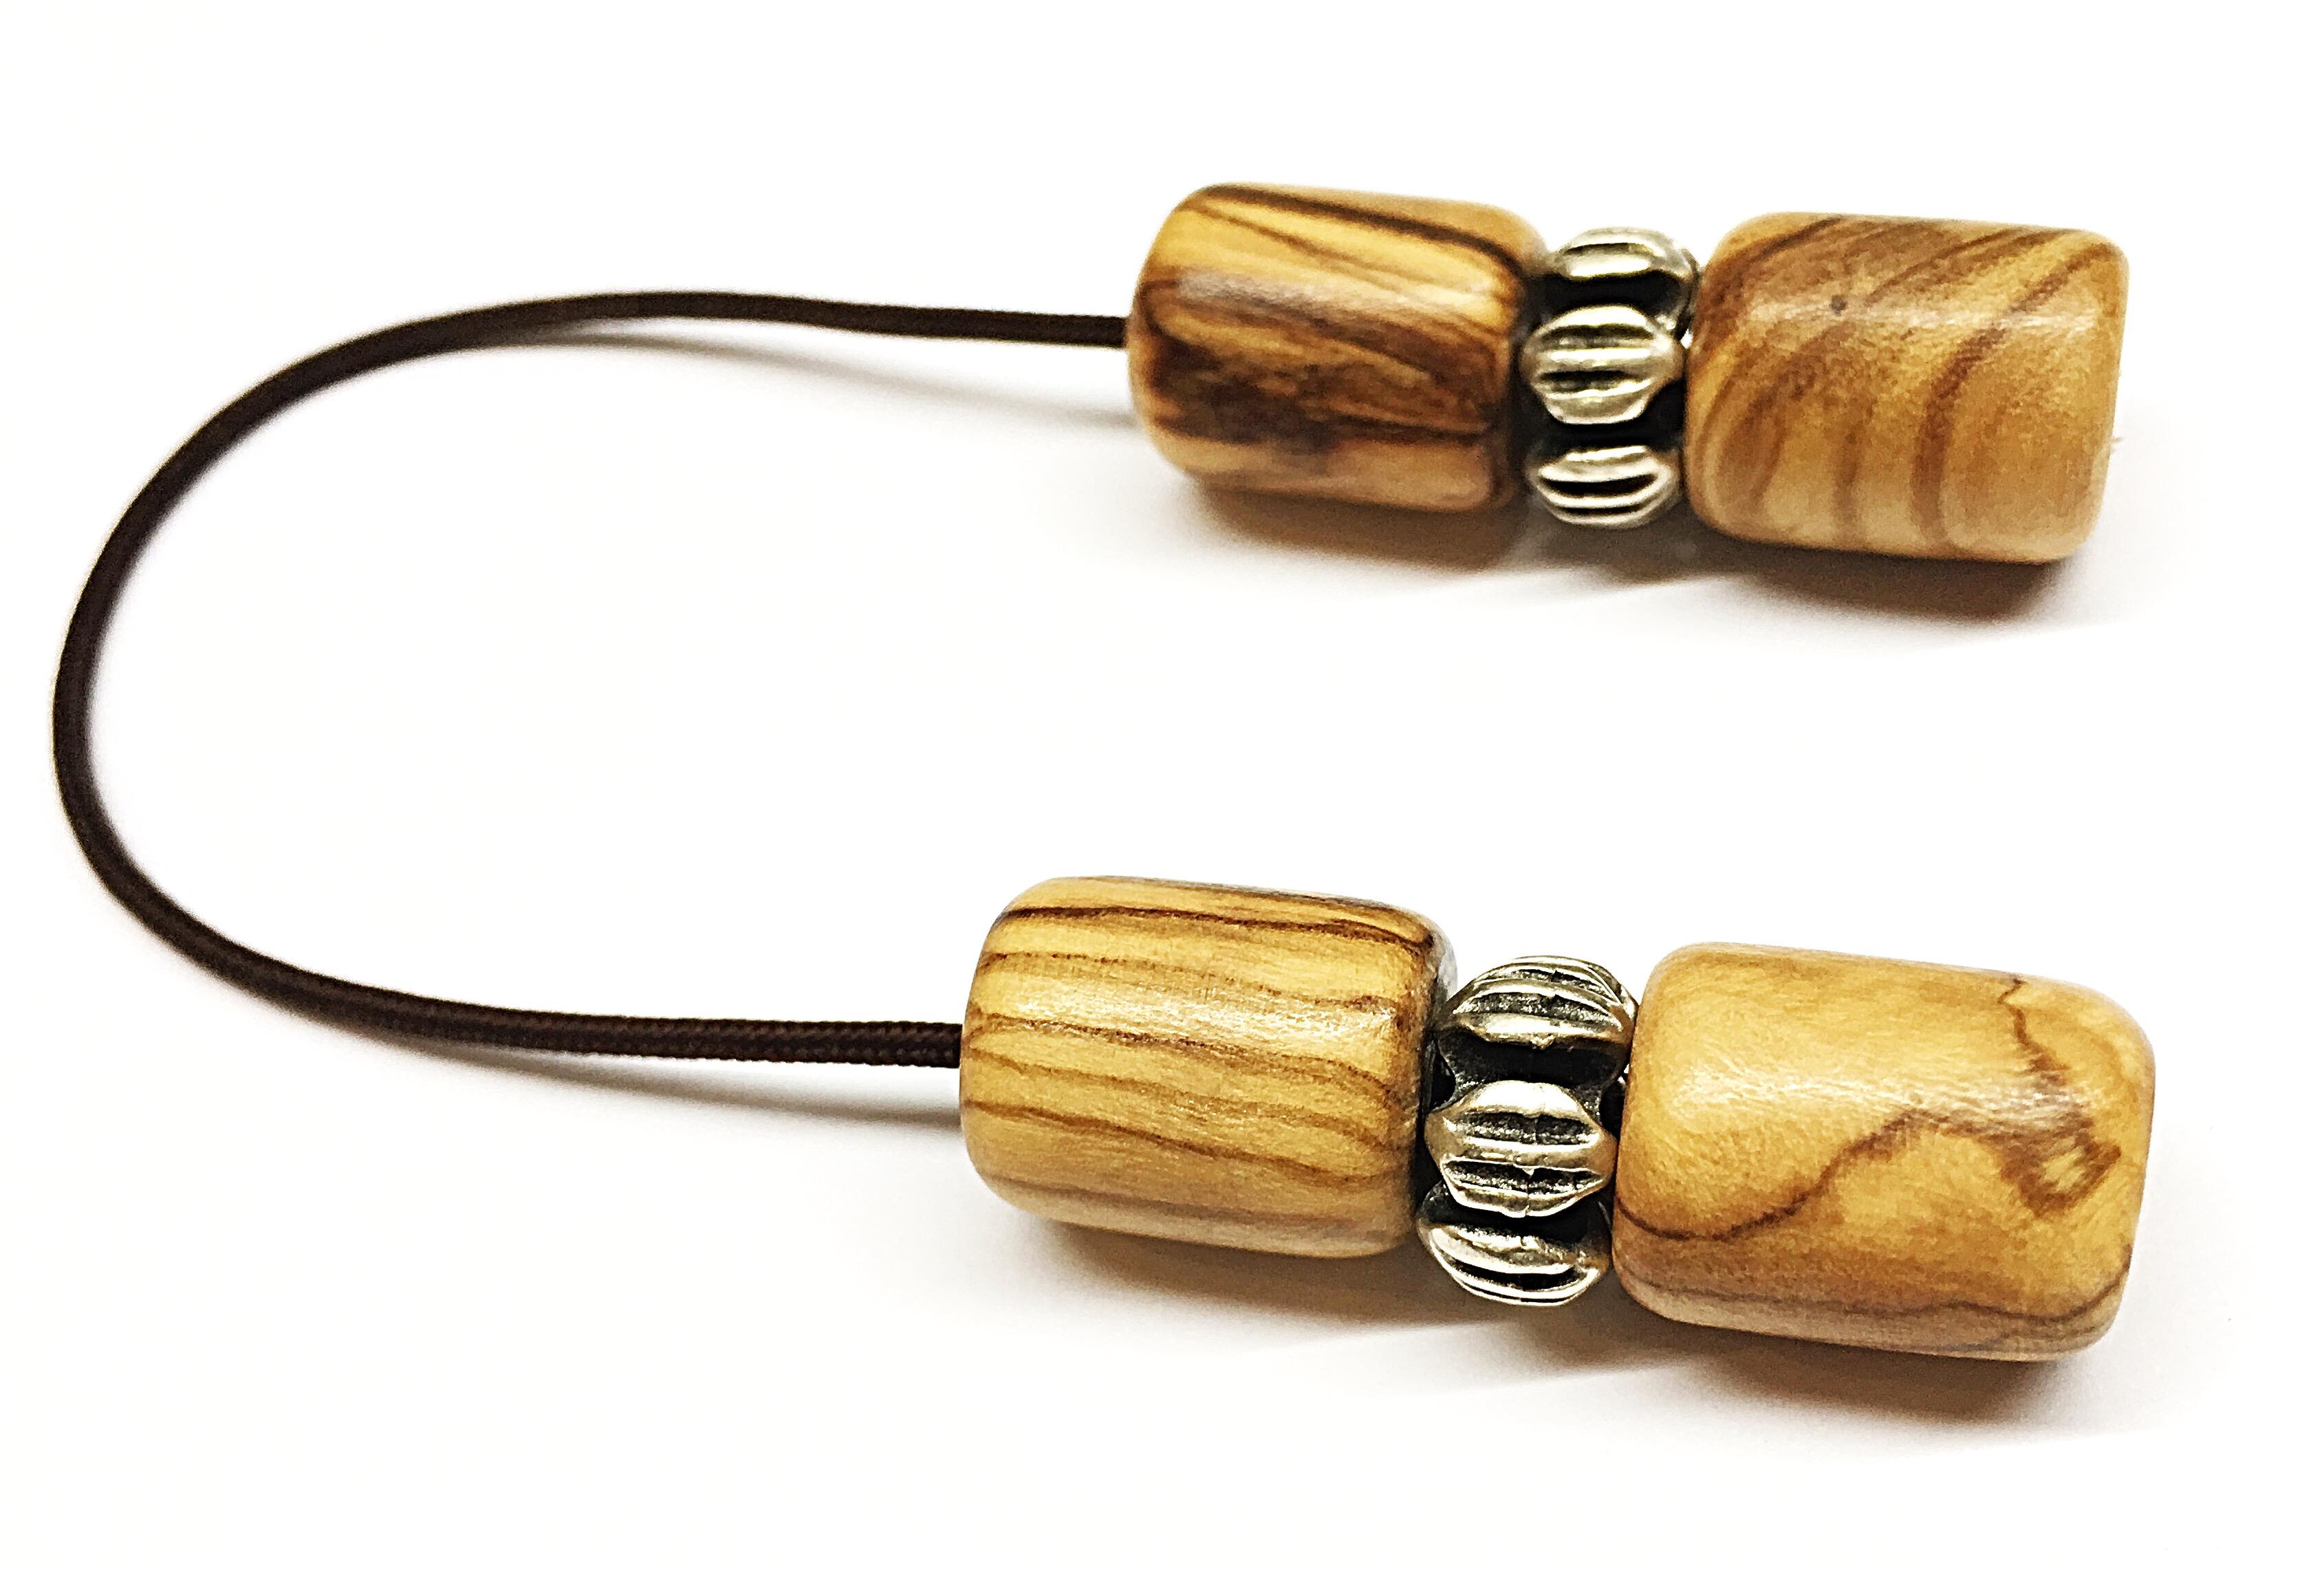 Χειροποίητο Μπεγλέρι από ξύλο ελληνικής ελιάς